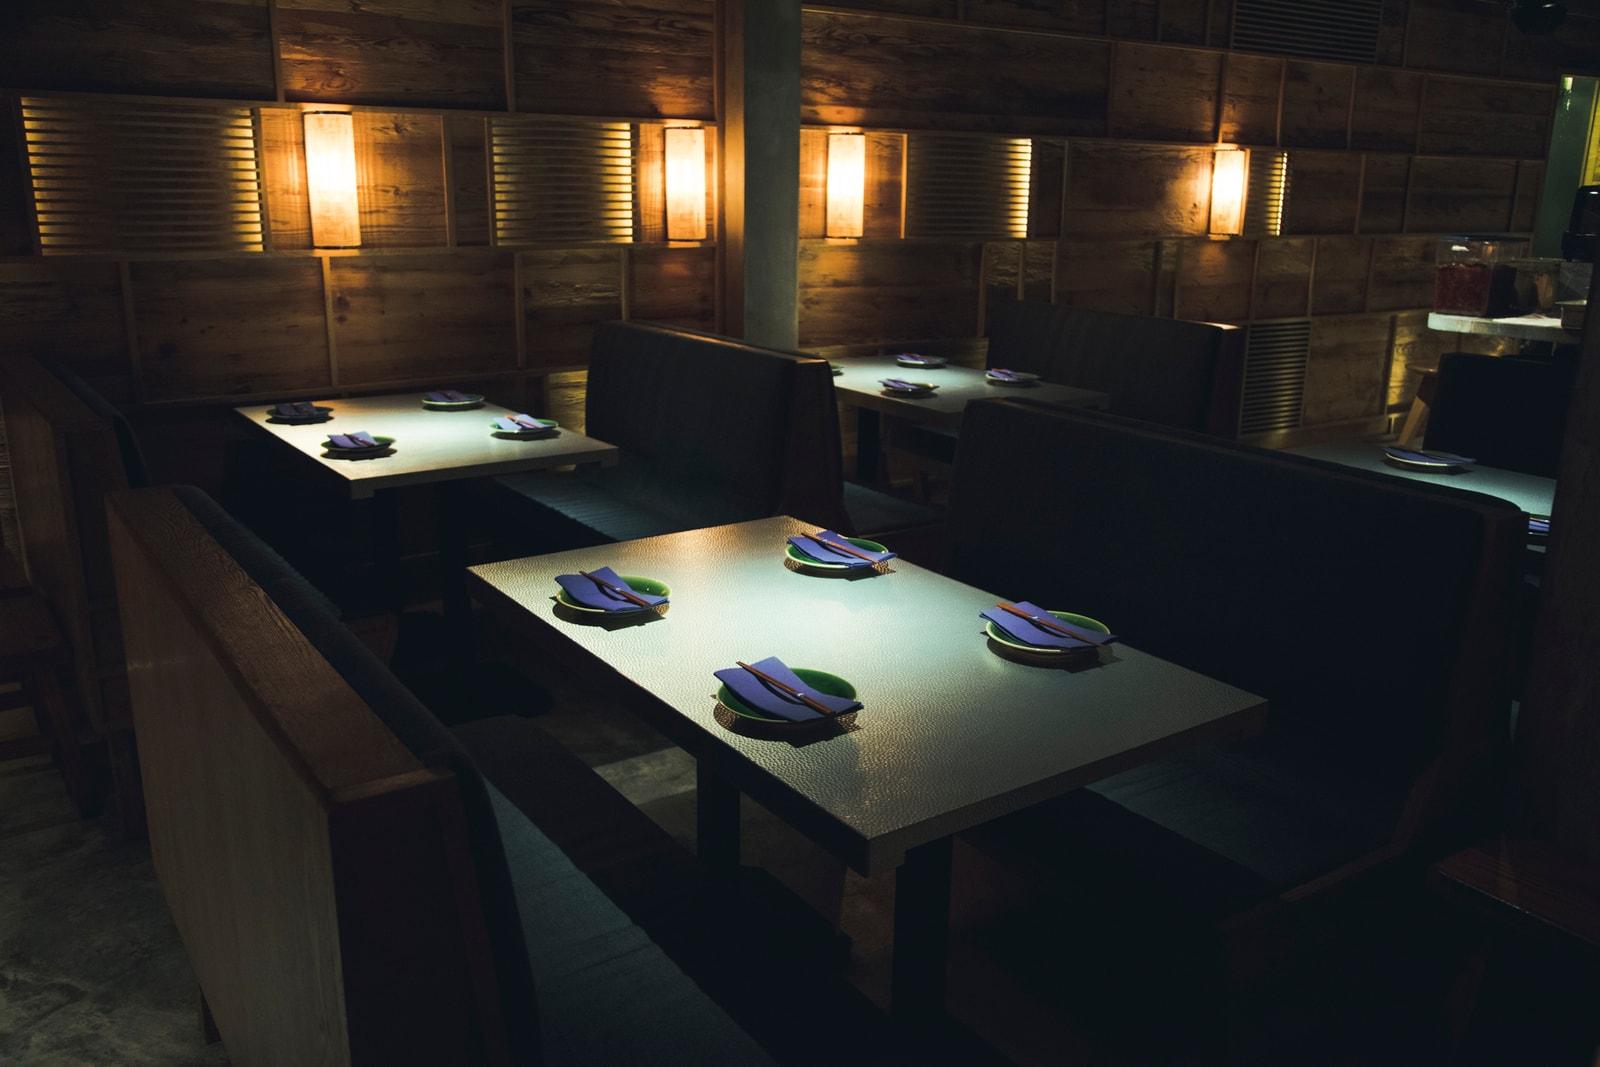 消遣好去處 - 全新日系型格居酒屋 Fukuro 進駐中環